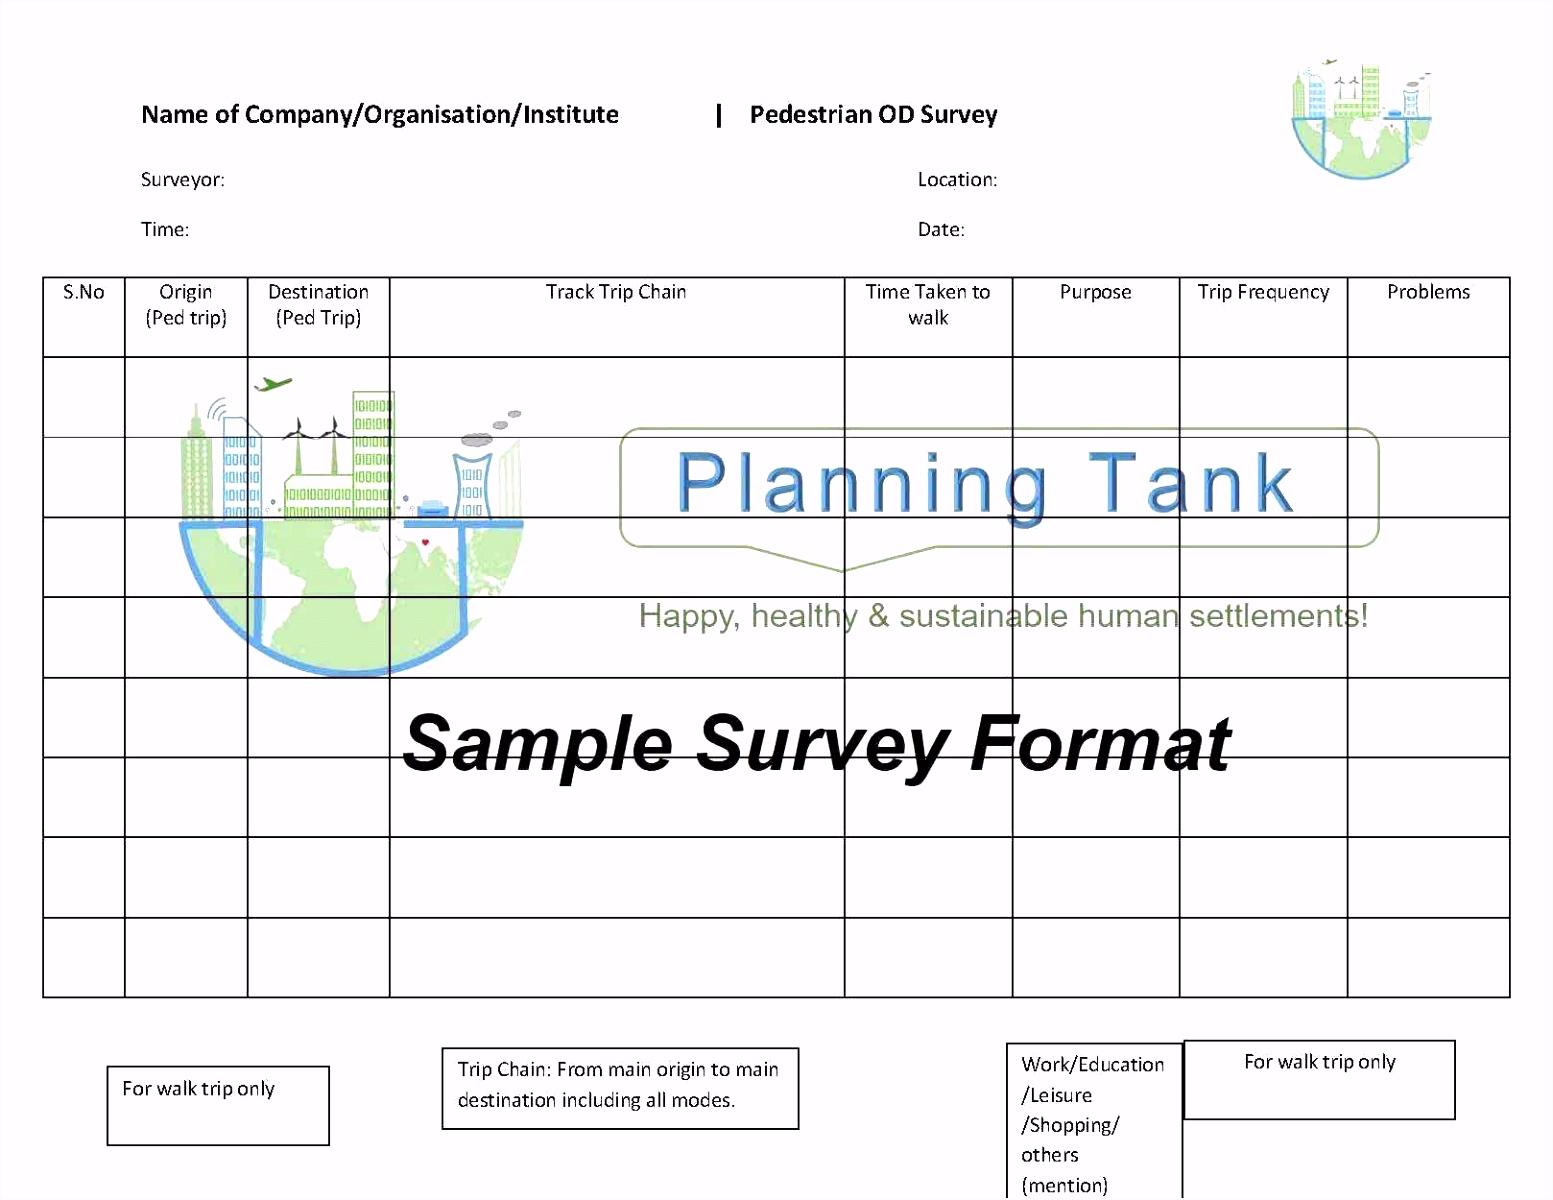 Detaillierte Stundenzettel Vorlage Excel